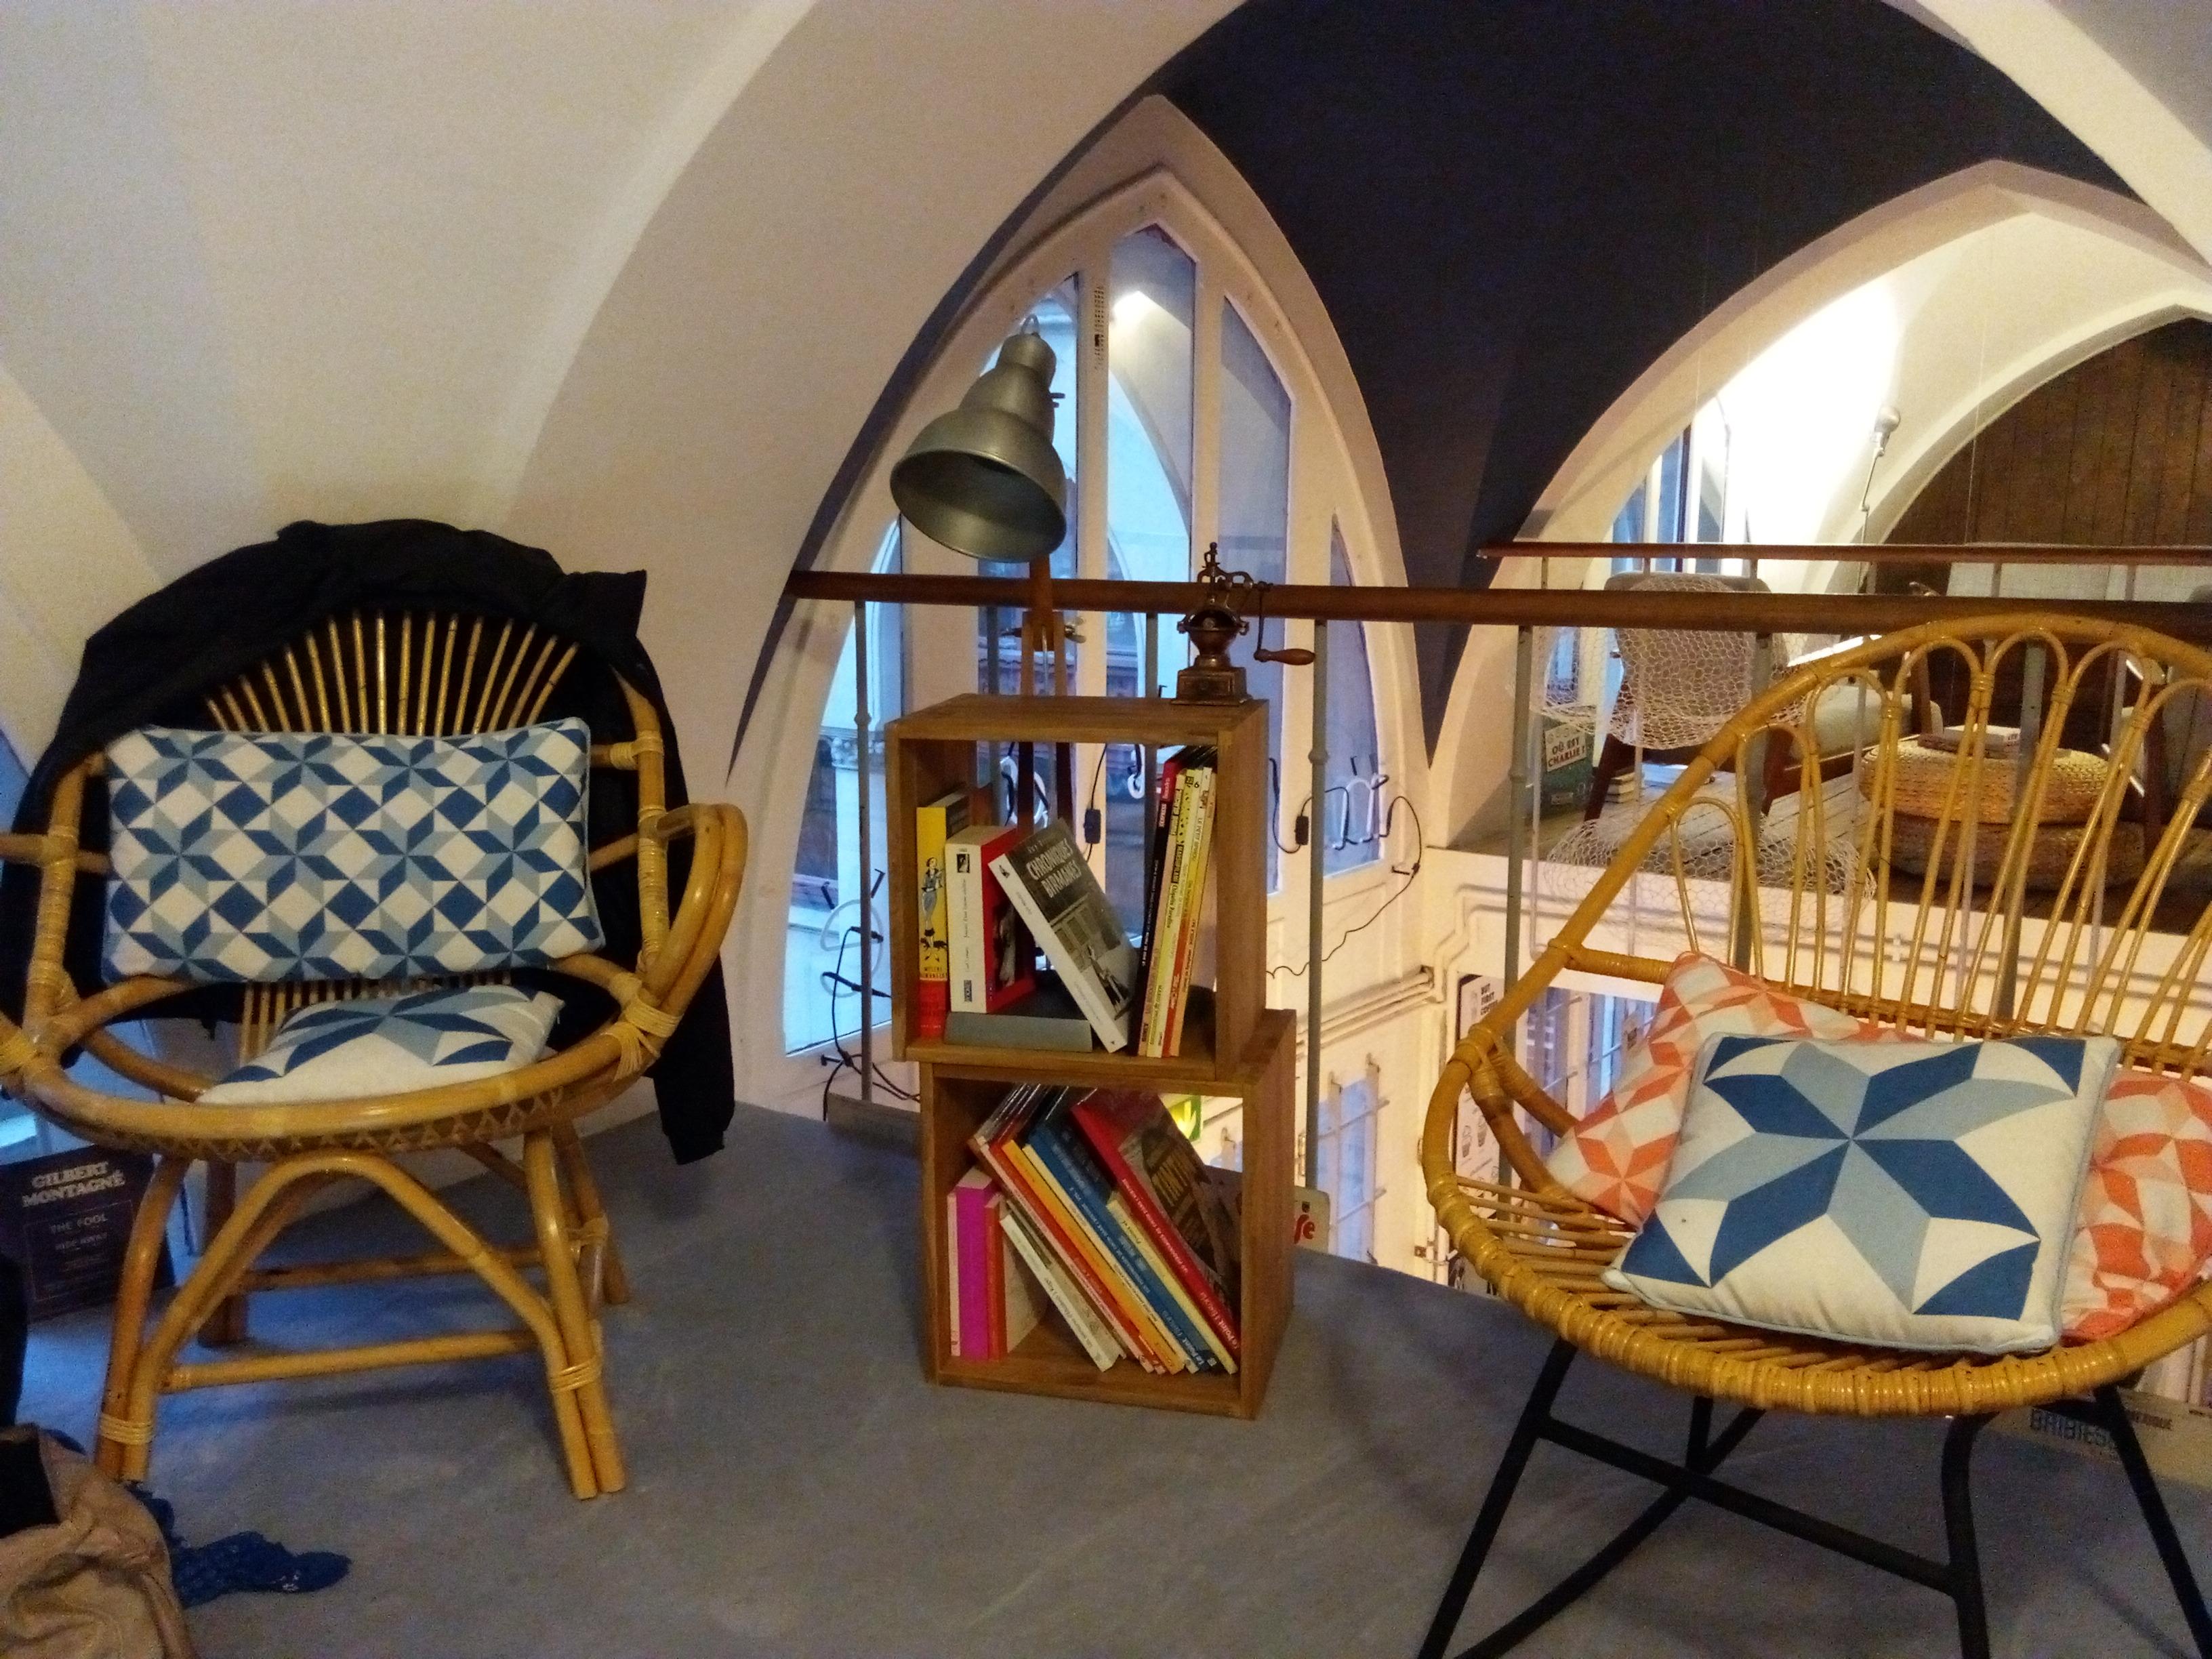 nuage caf paris. Black Bedroom Furniture Sets. Home Design Ideas